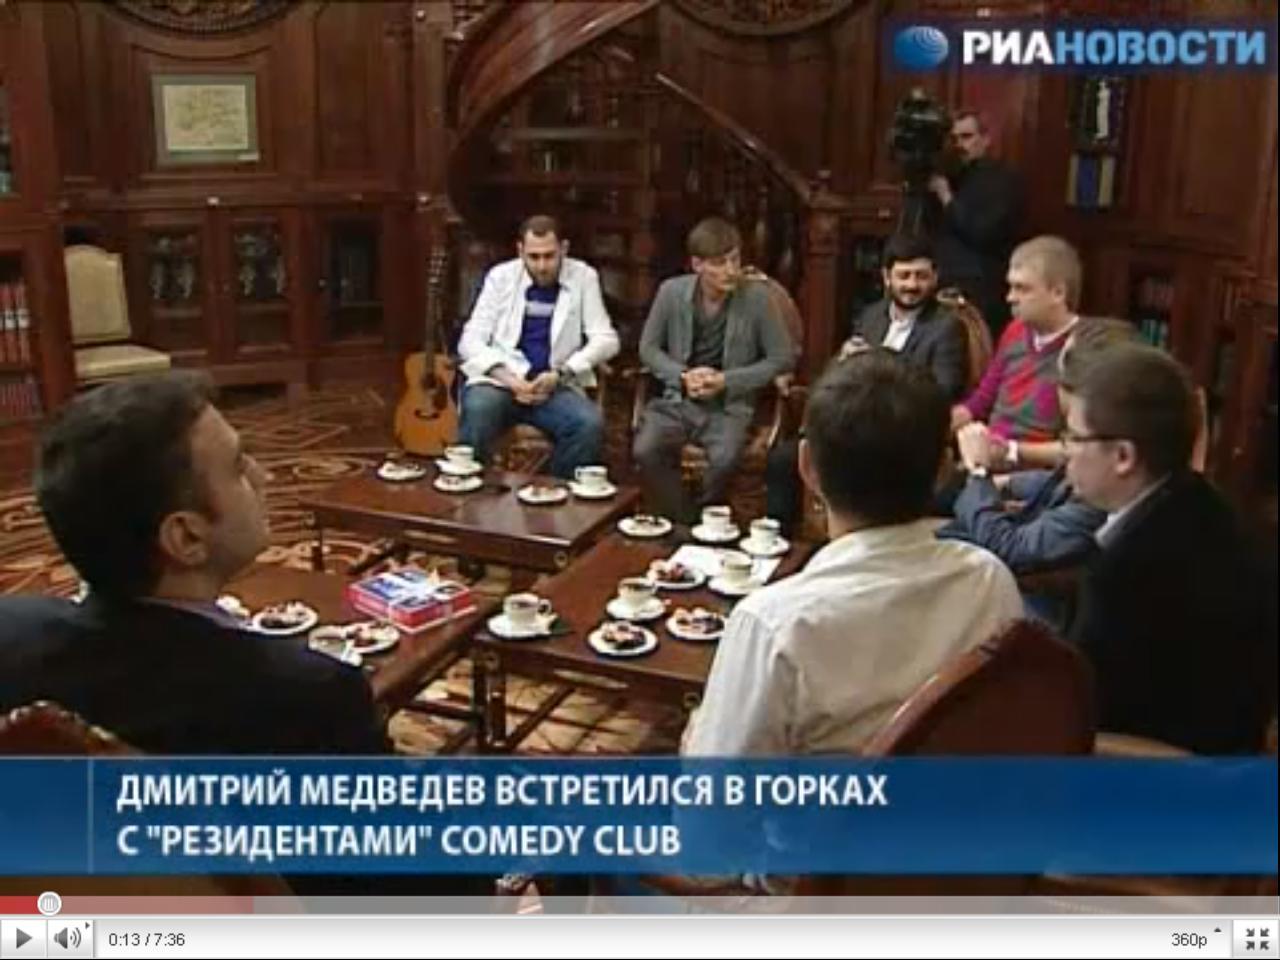 Դմիտրի Մեդվեդևից Գարիկ Մարտիրոսյանի համար ՌԴ անձնագիր են խնդրել